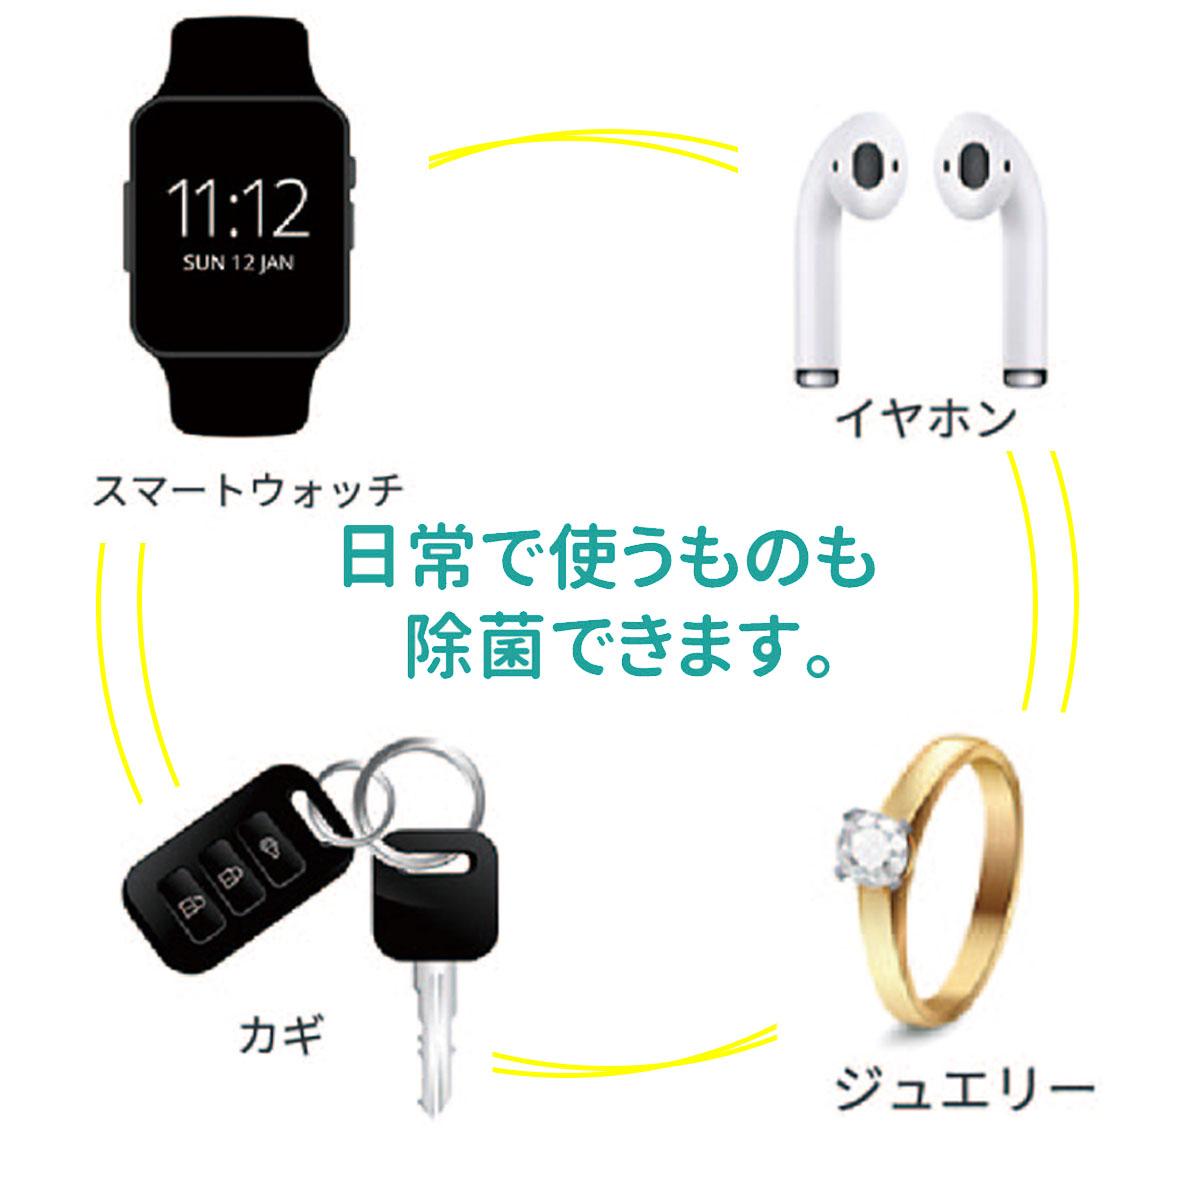 ワイヤレス&USB充電対応デジタルクロック Phosh (フォッシュ)